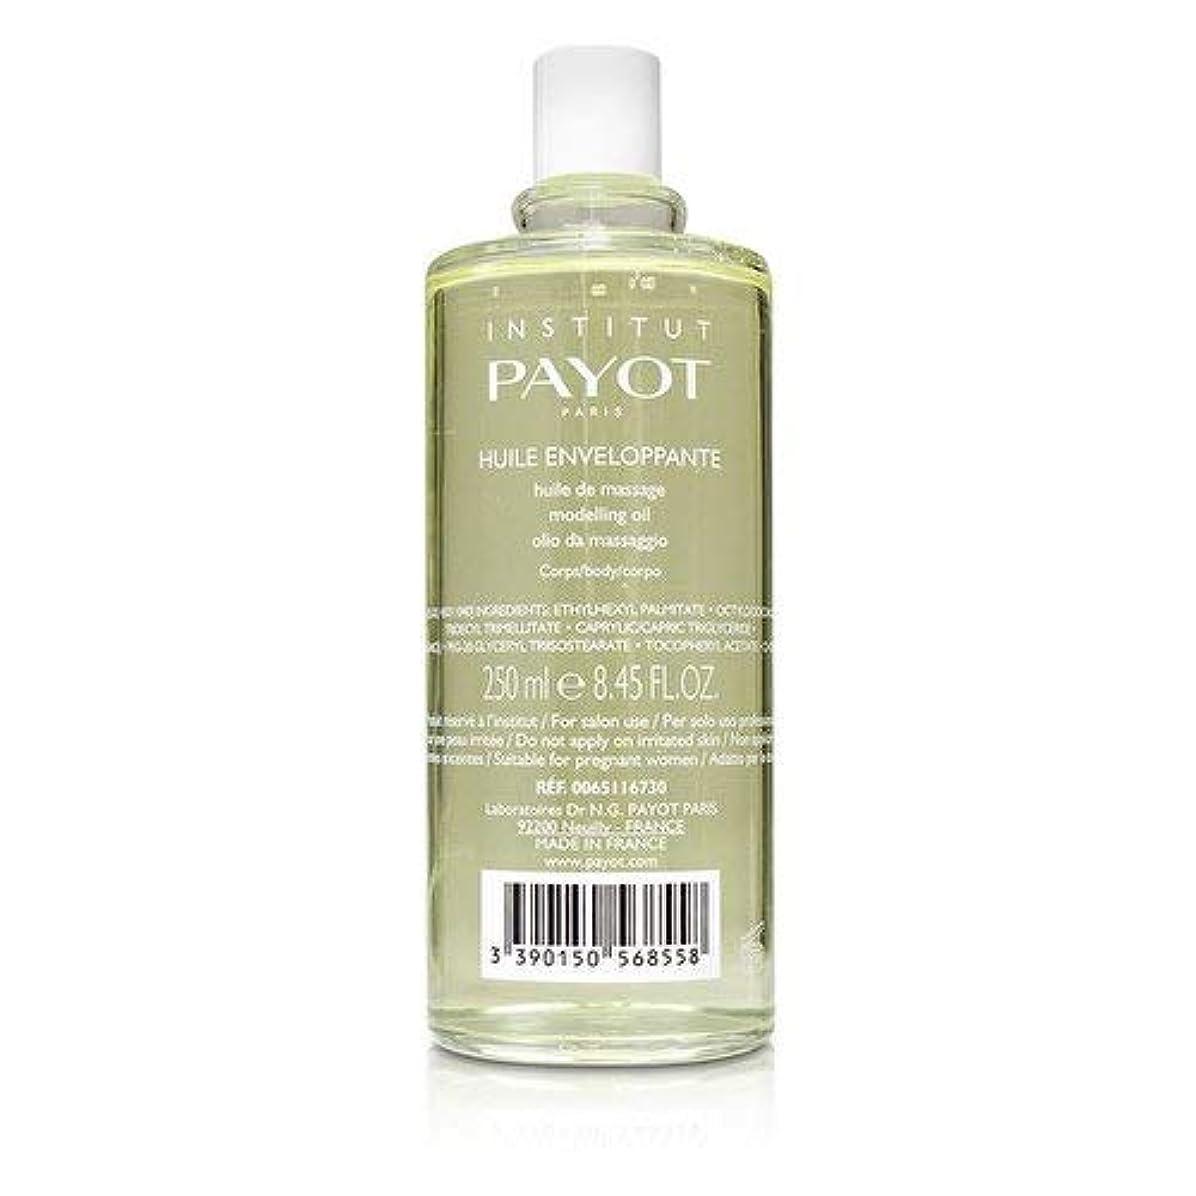 支援支援収縮パイヨ Huile Enveloppante - Body Massage Oil (Orange Blossom & Rose) (Salon Product) 250ml/8.4oz並行輸入品